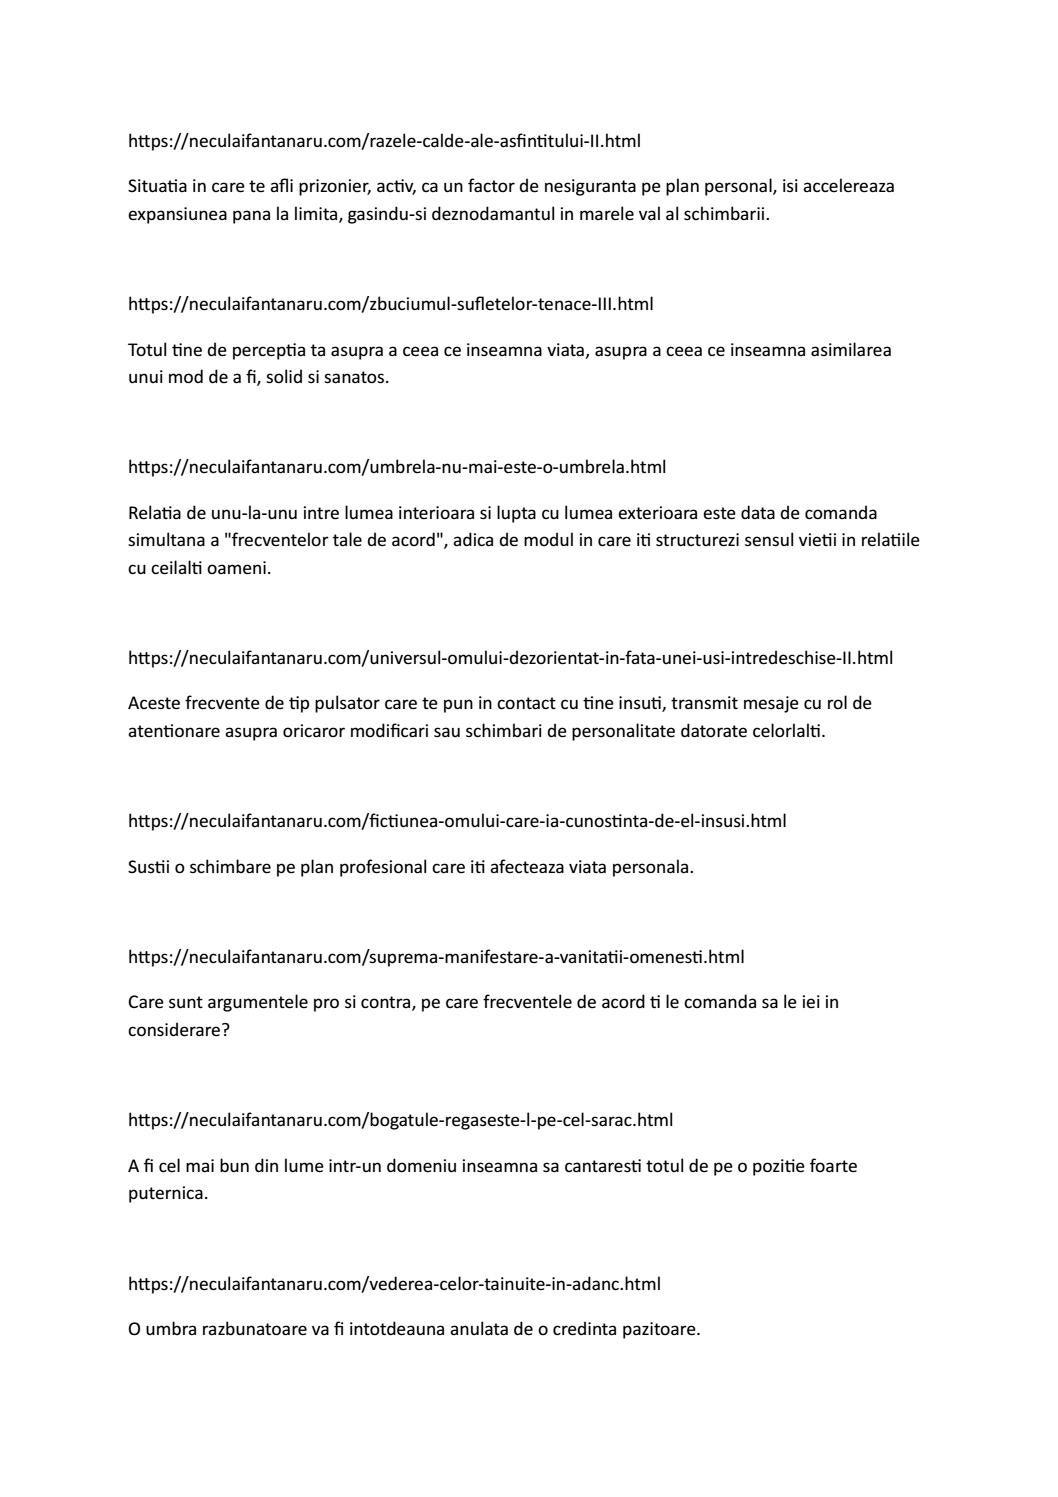 UCIN Comunicate